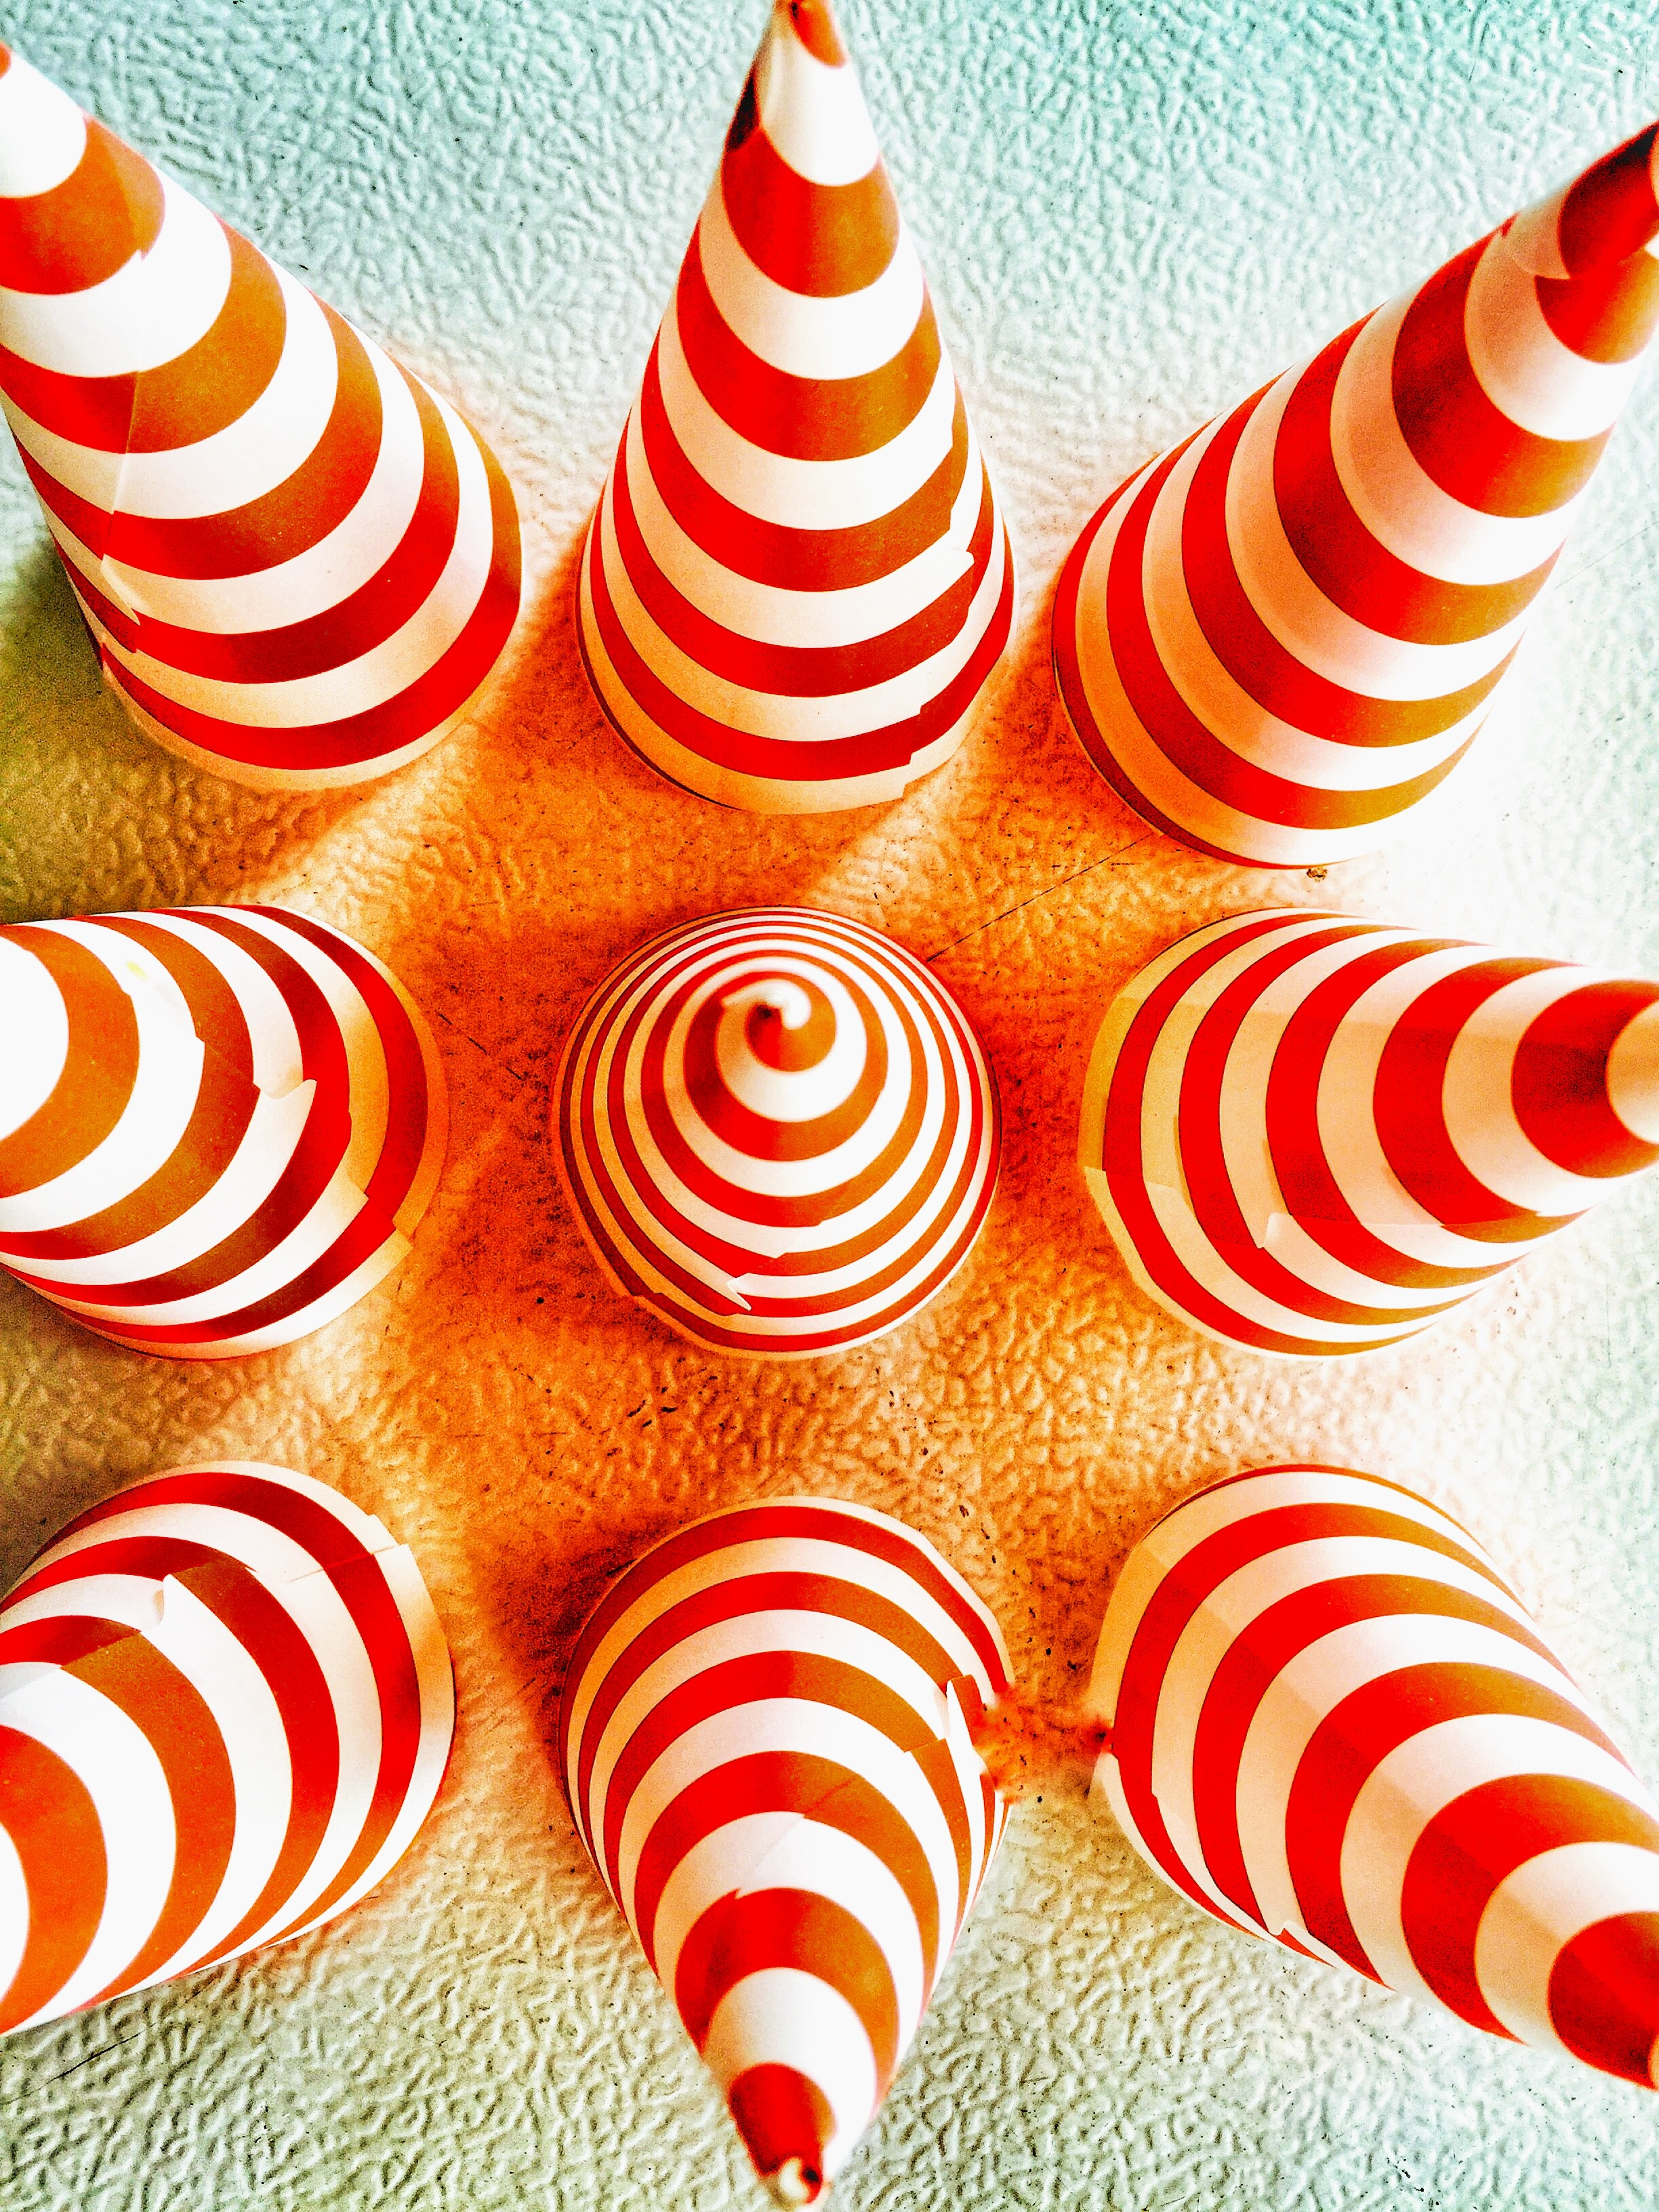 09_cones.JPG